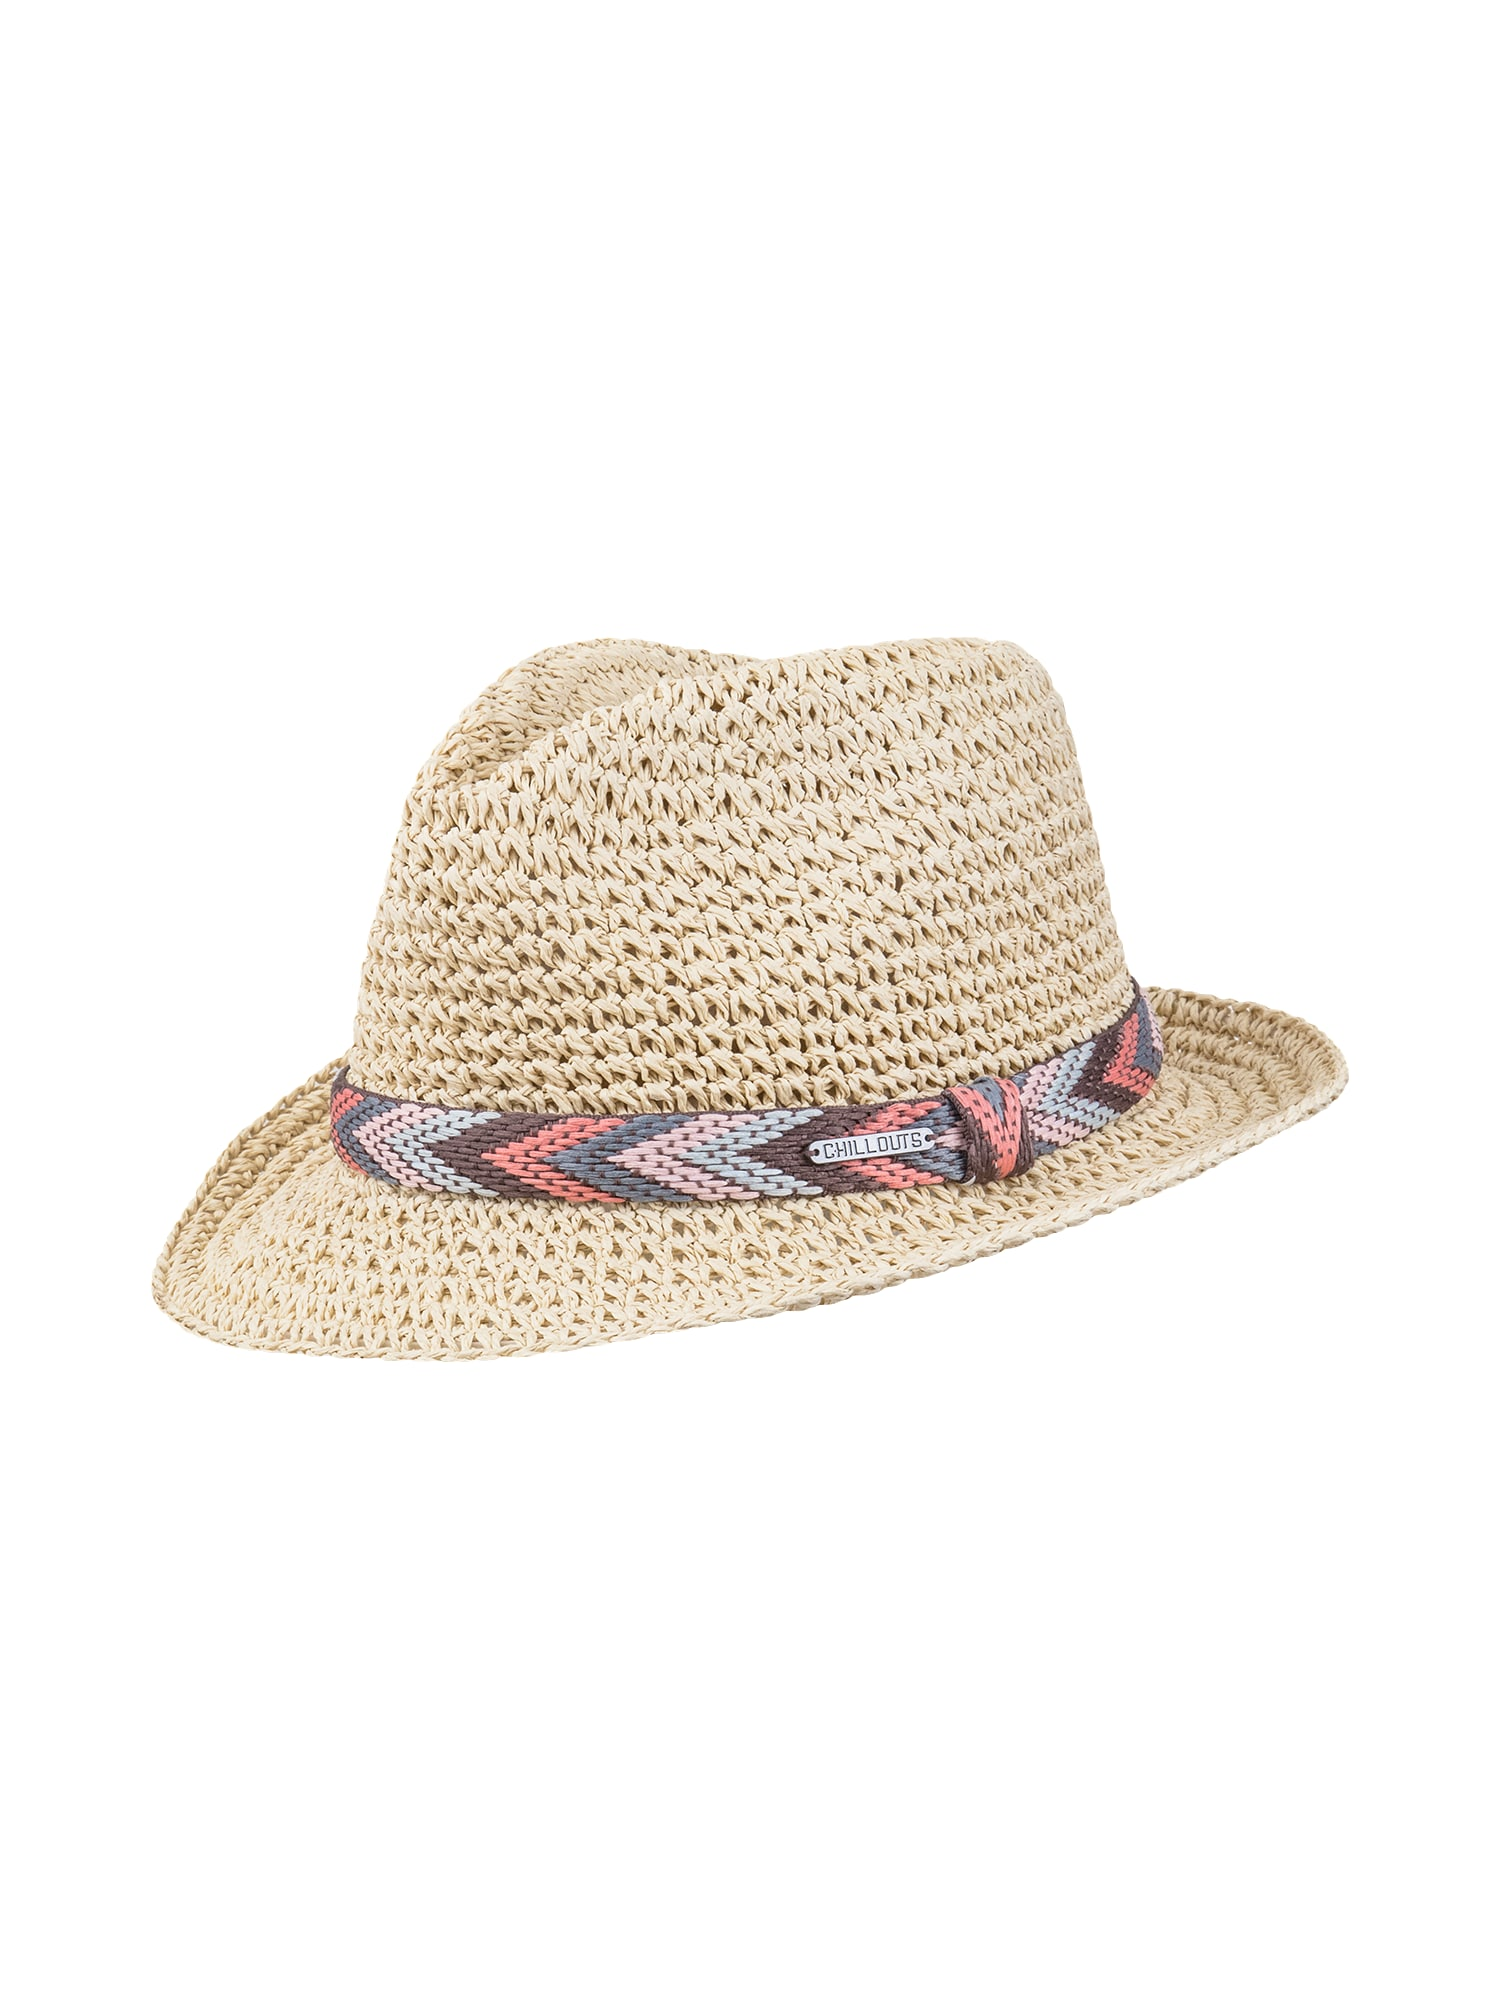 Klobouk Medellin Hat přírodní bílá Chillouts